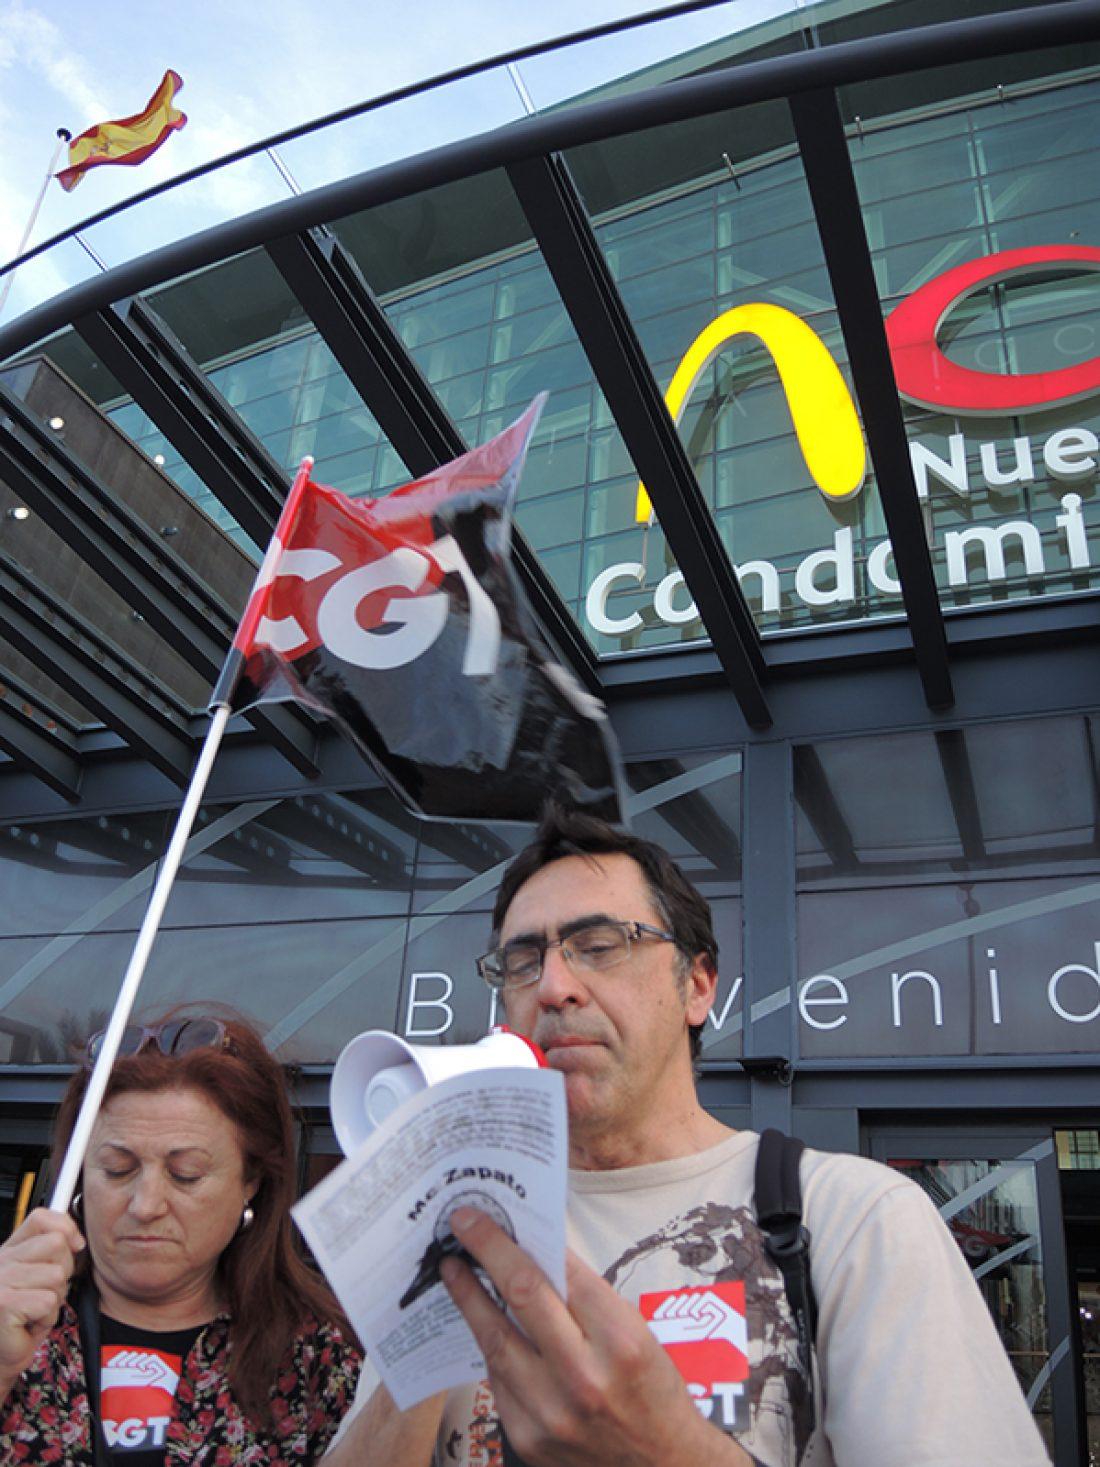 CGT Murcia gana el juicio a McDonalds por despido discriminatorio a una compañera